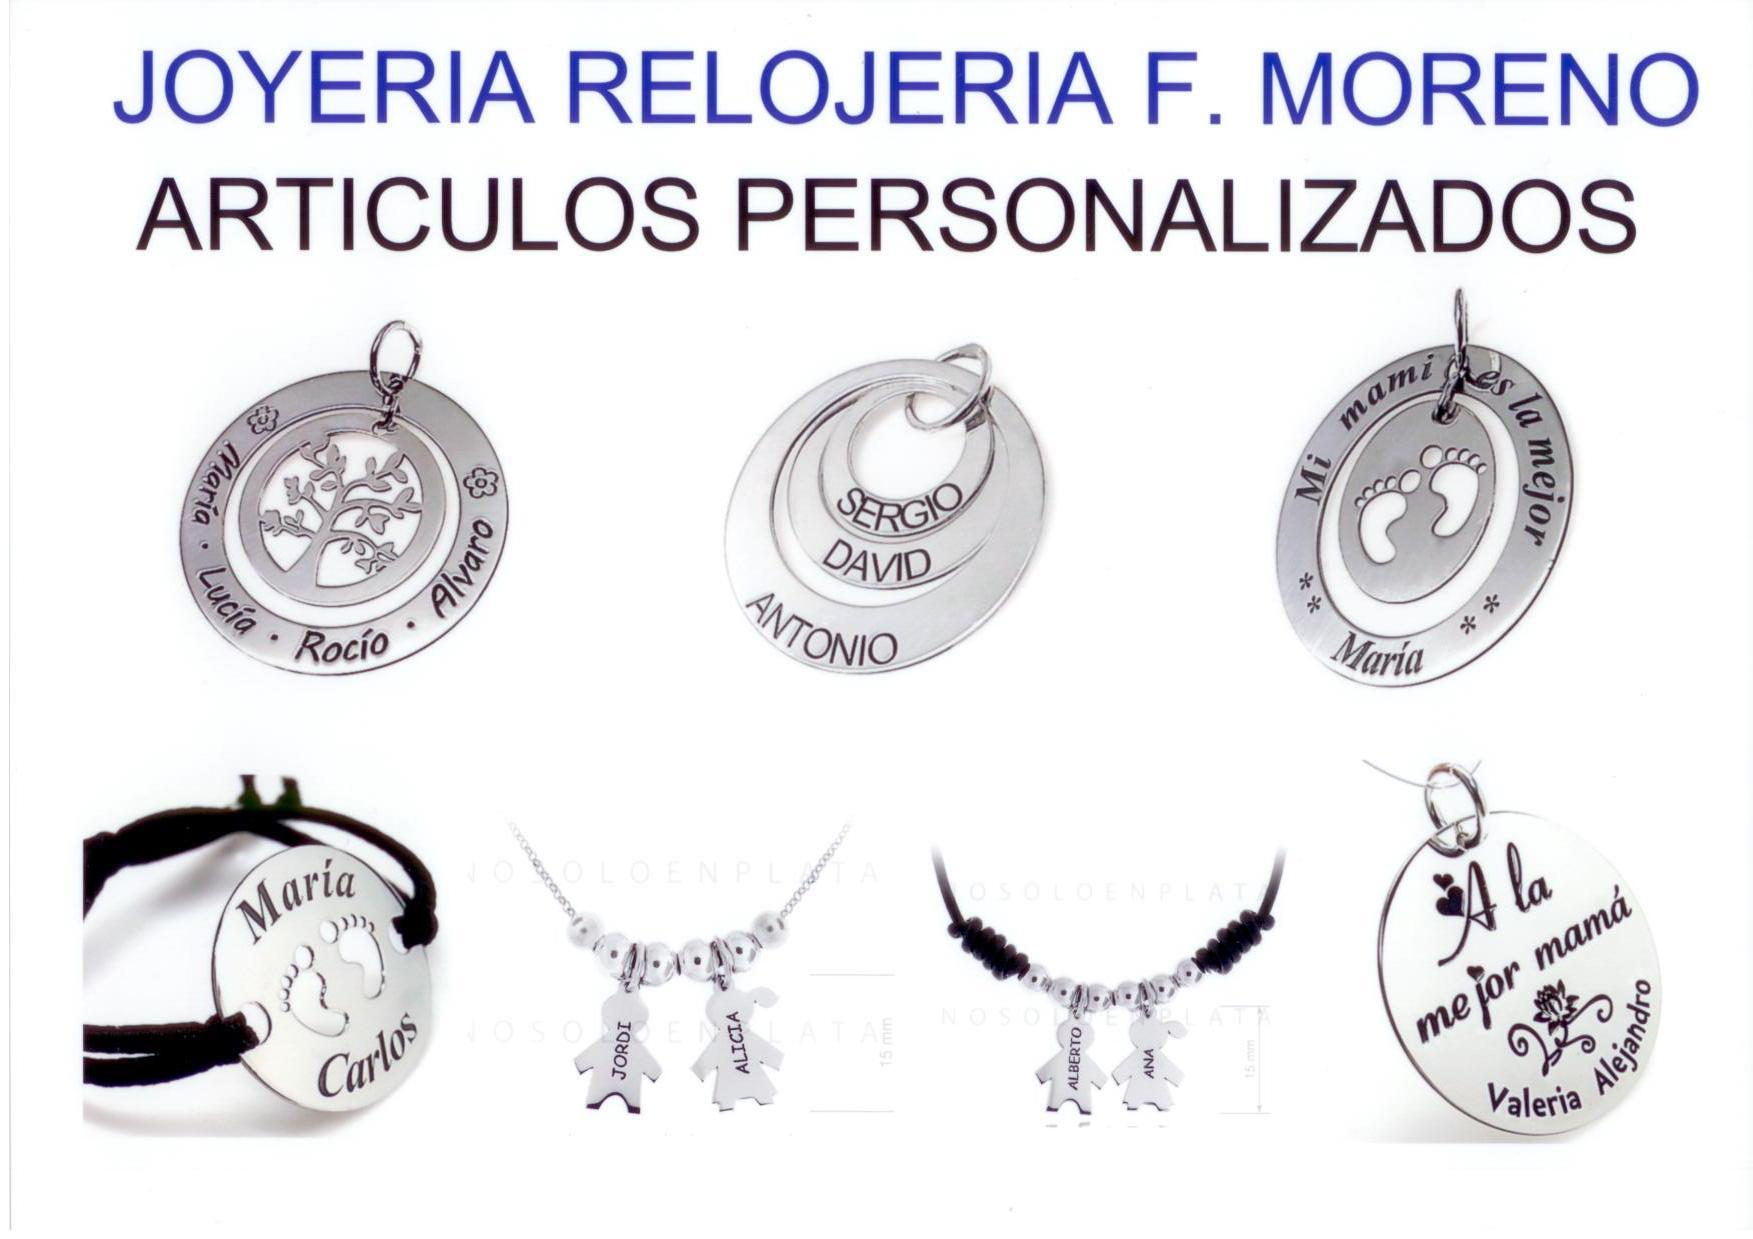 dia de la madre relojeria moreno herencia personalizar - Joyería – Relojería F. Moreno celebra el Día de la Madre en Herencia